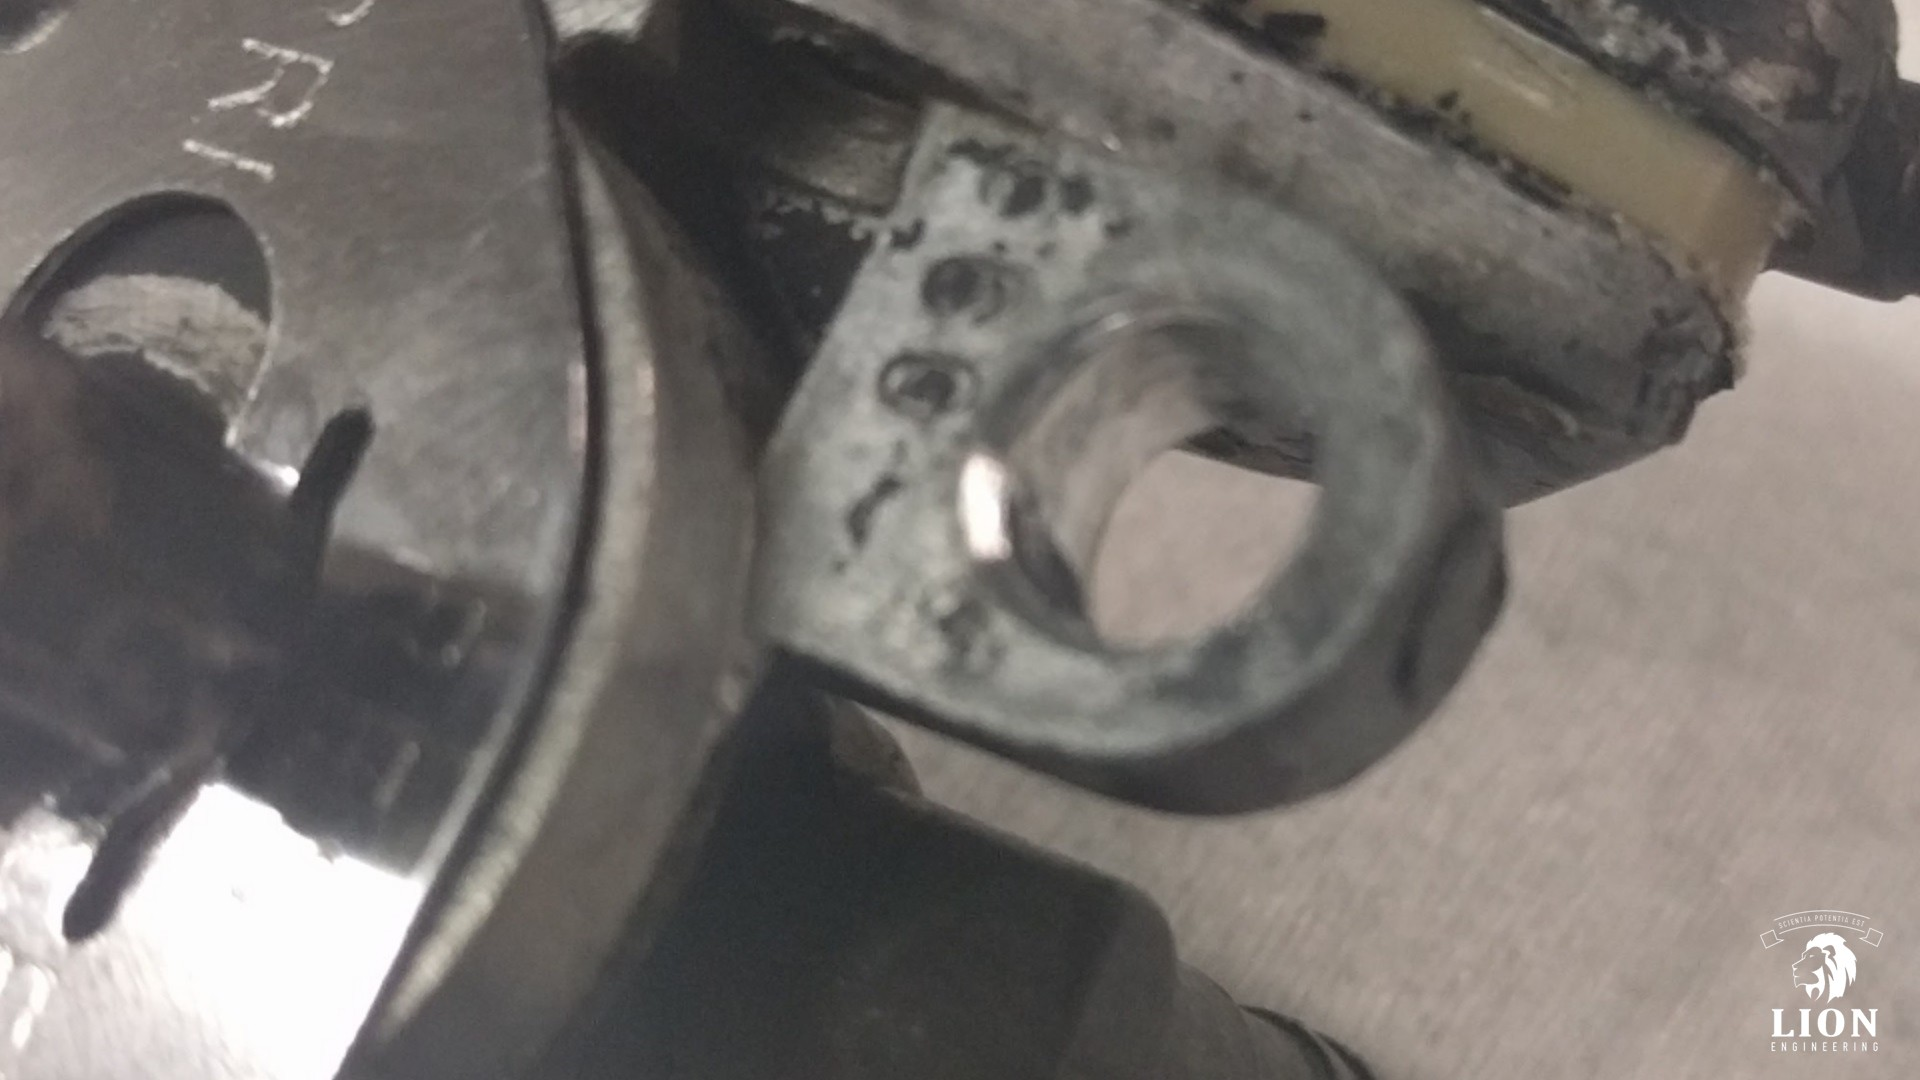 Benzinekraan reparatie met inserts